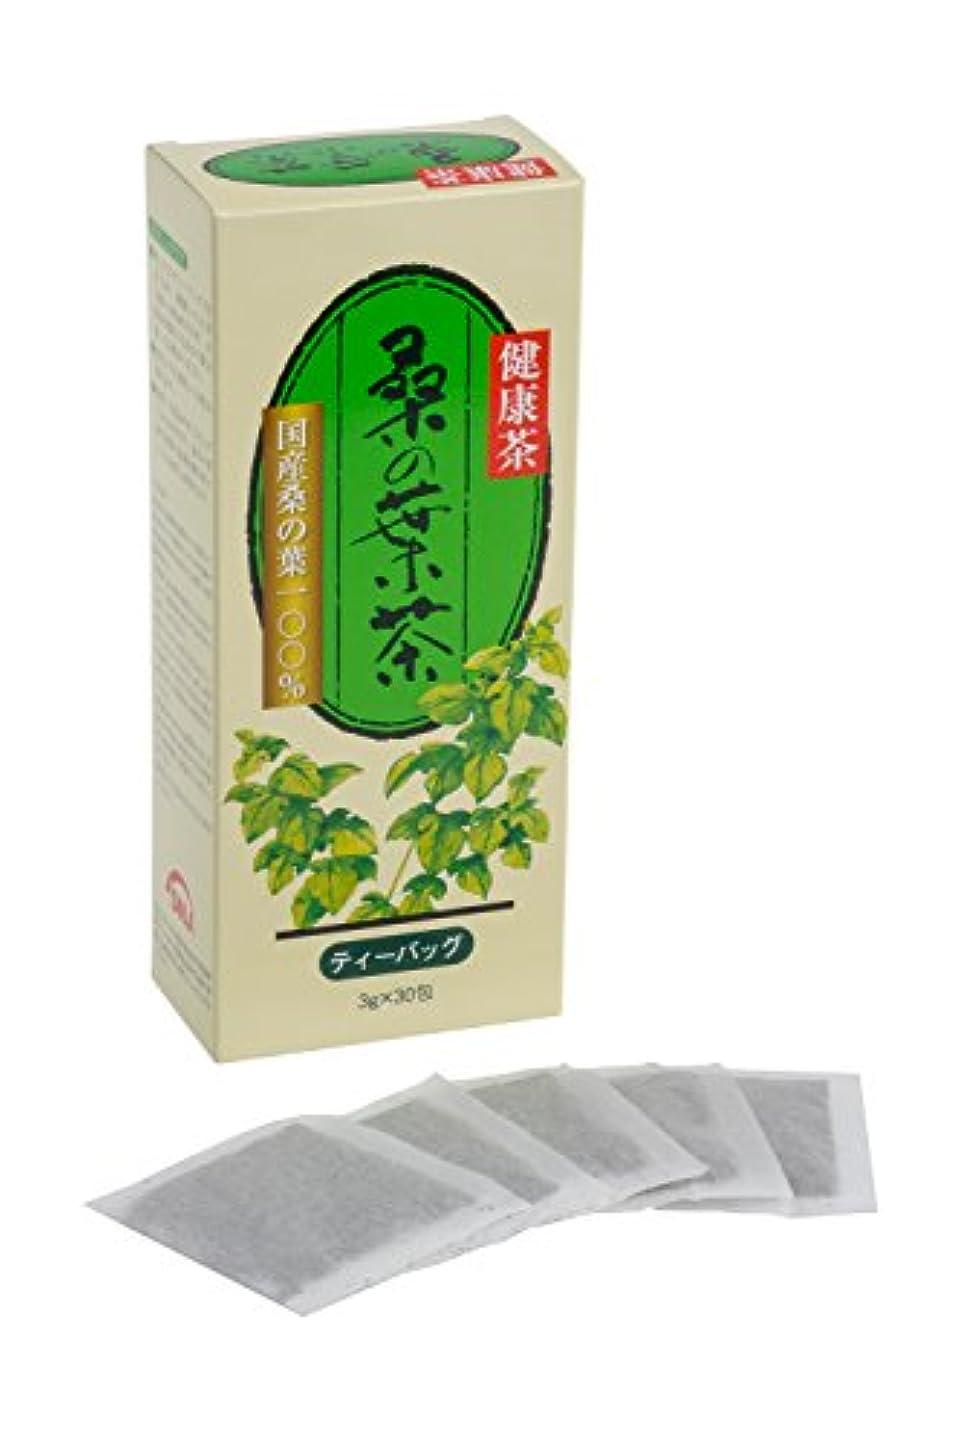 健康シンカンポテトトヨタマ(TOYOTAMA) 国産桑の葉100% 農薬不使用 ノンカフェイン健康茶 桑の葉茶ハードボックス 30包 01096201